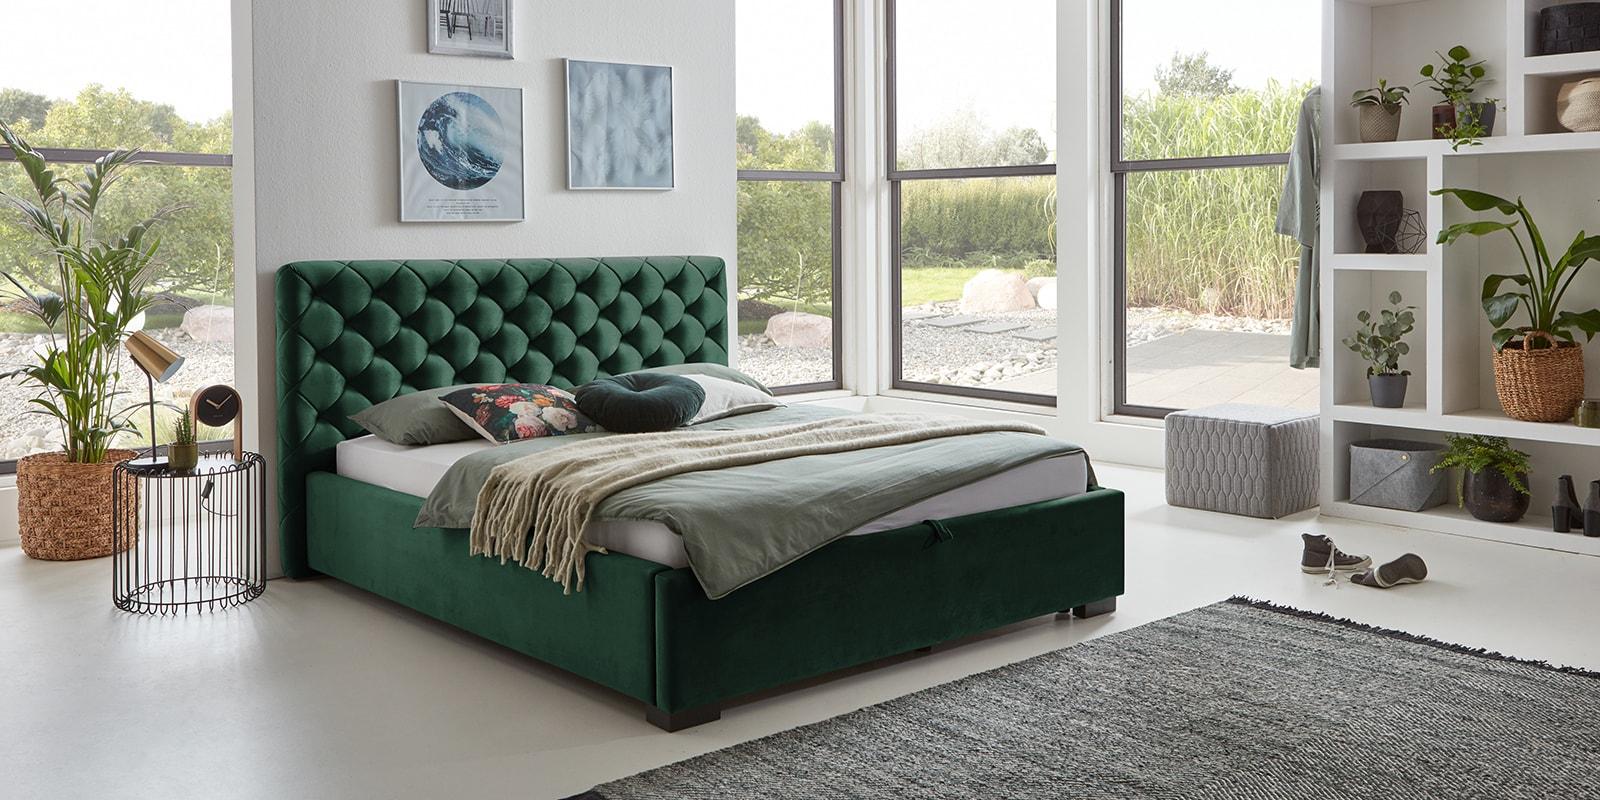 Moebella24 - Bett - mit - Bettkasten - Elsa - Samt - Smaragd - Stauraum - Versteppungen - am - Kopfteil